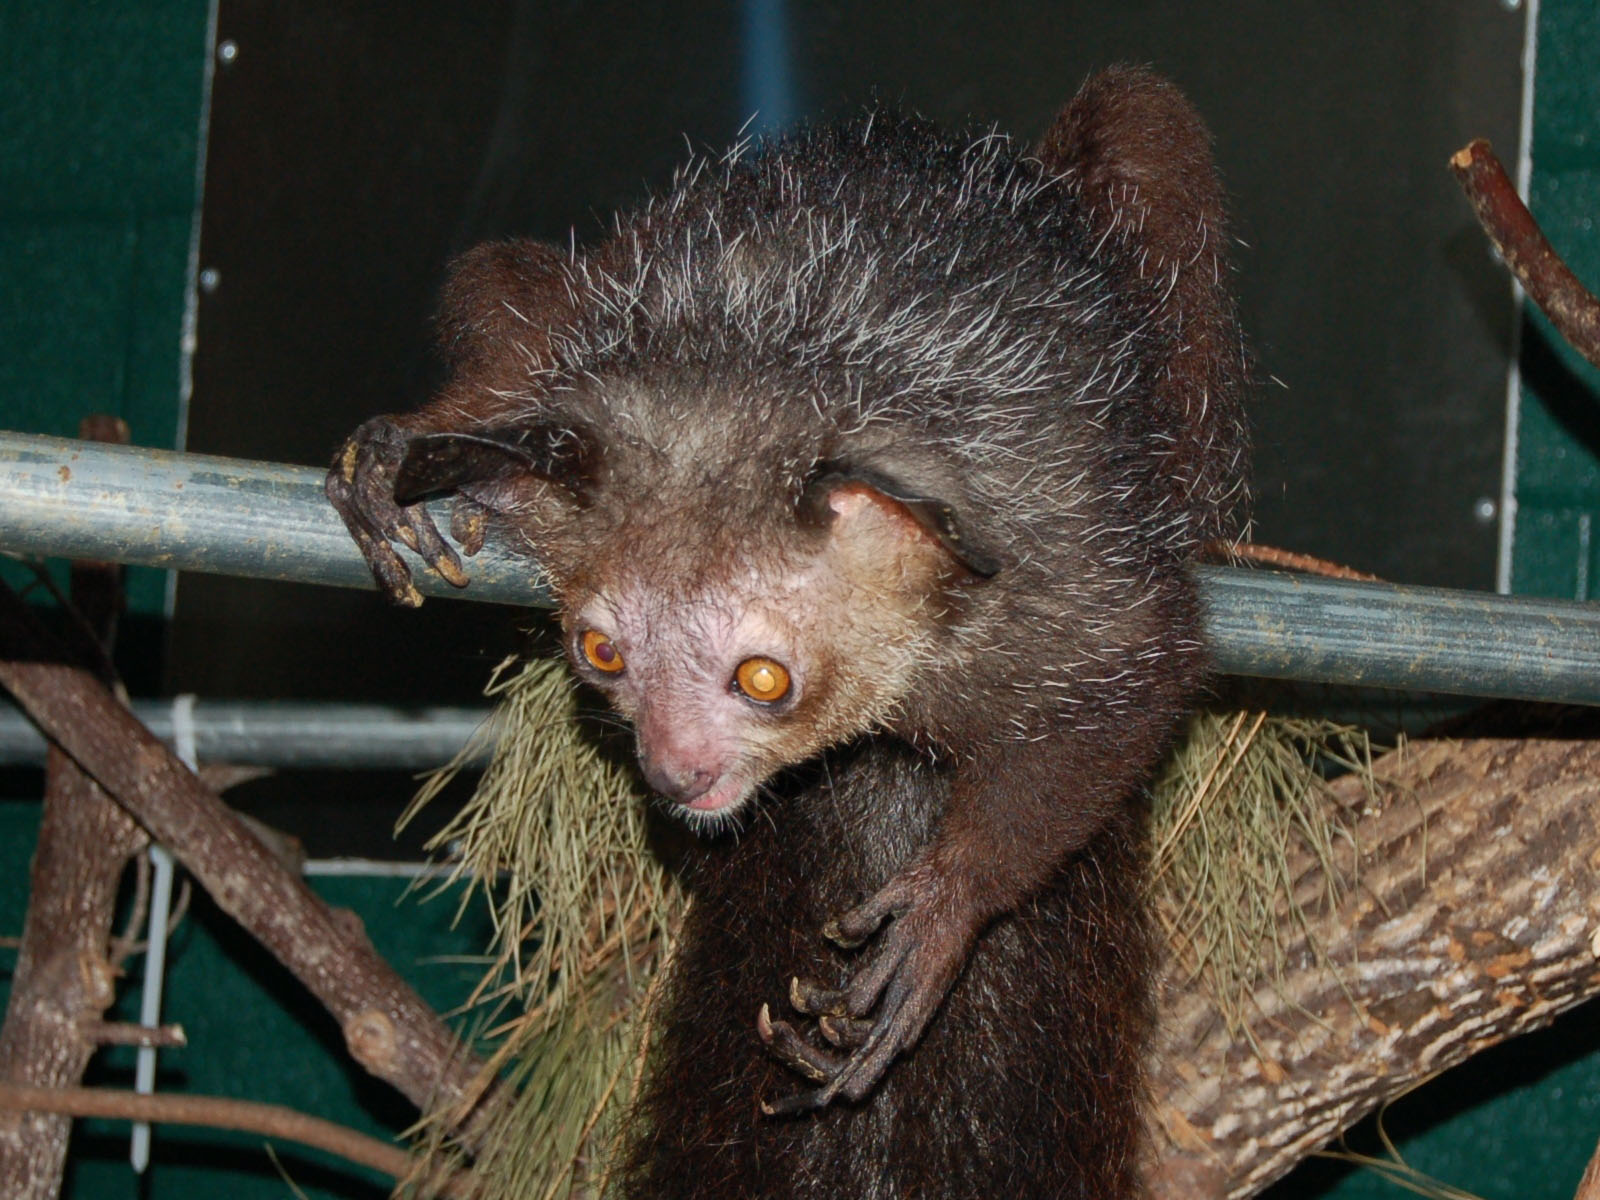 Baby aye aye lemur - photo#22